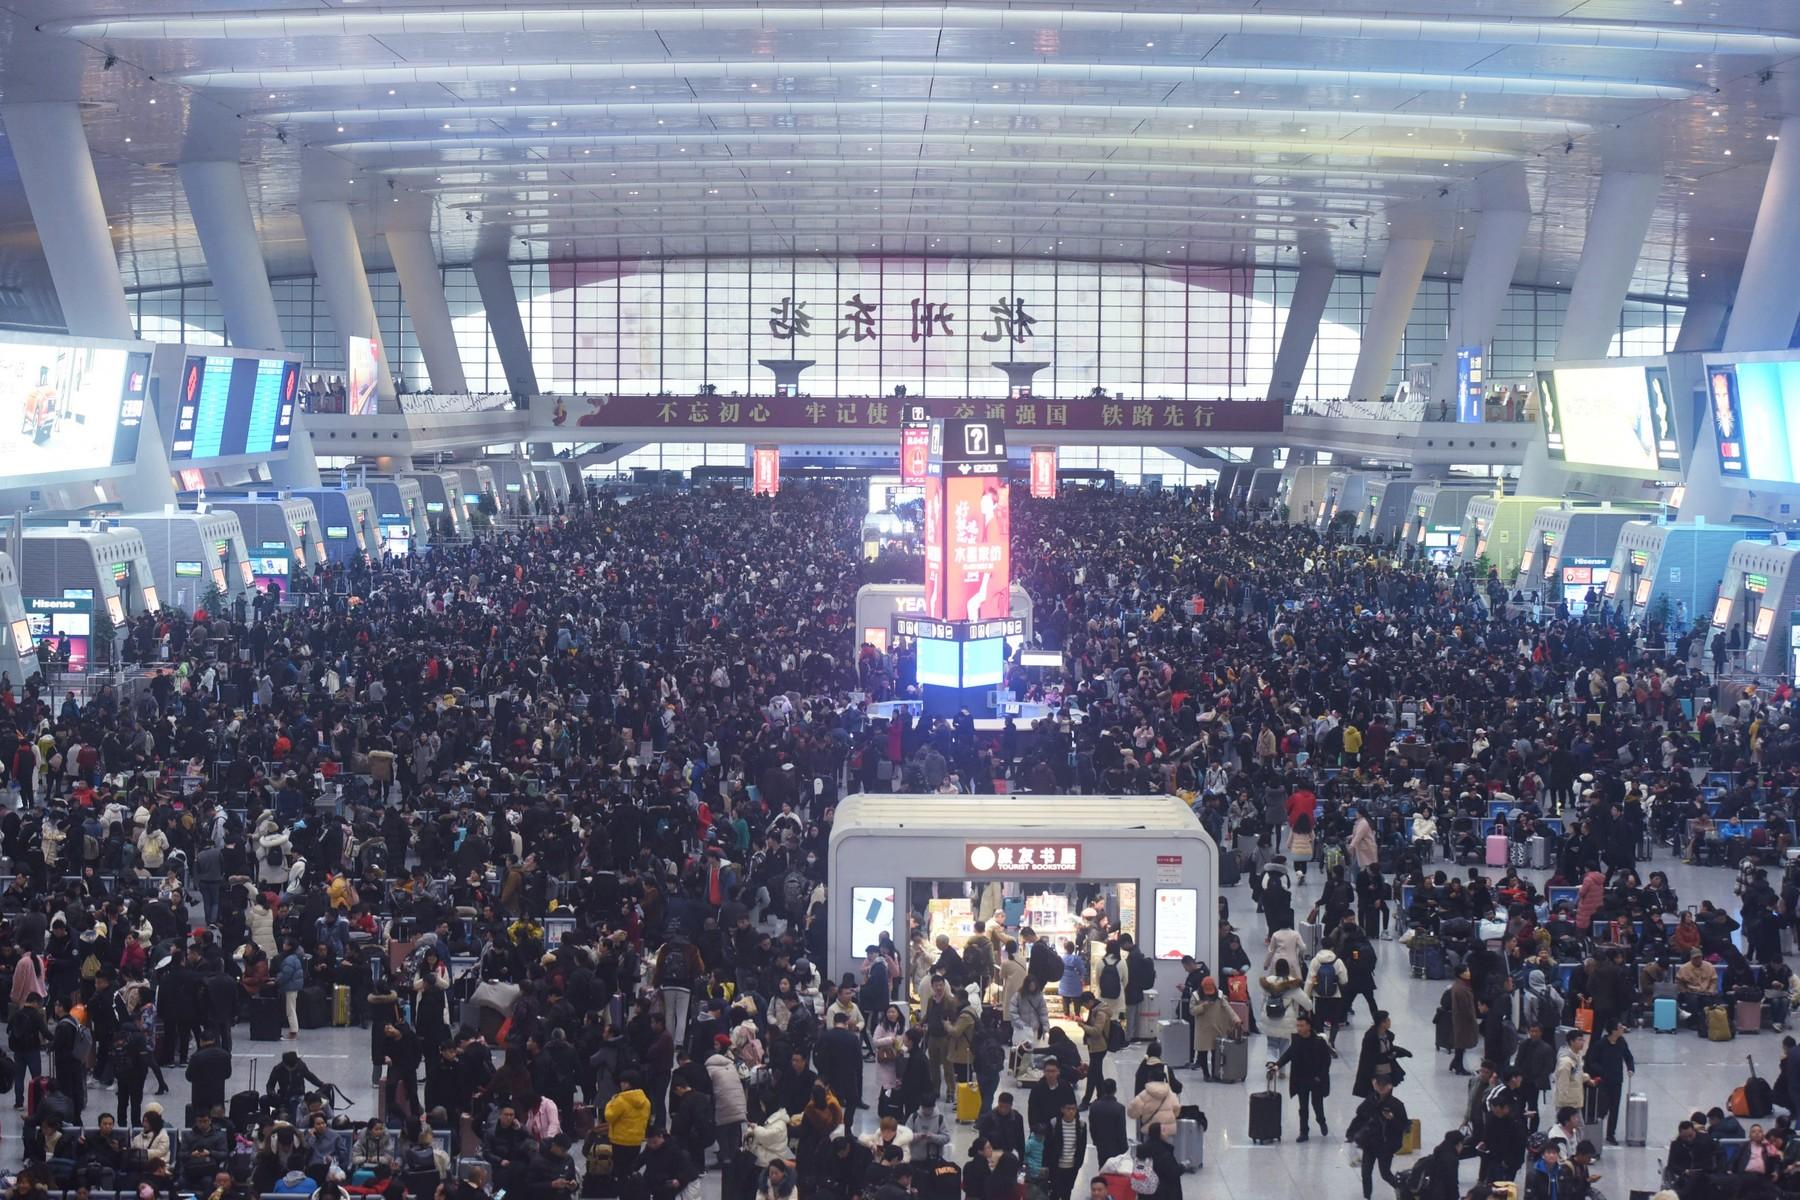 Željeznička stanica u gradu Hangzhou